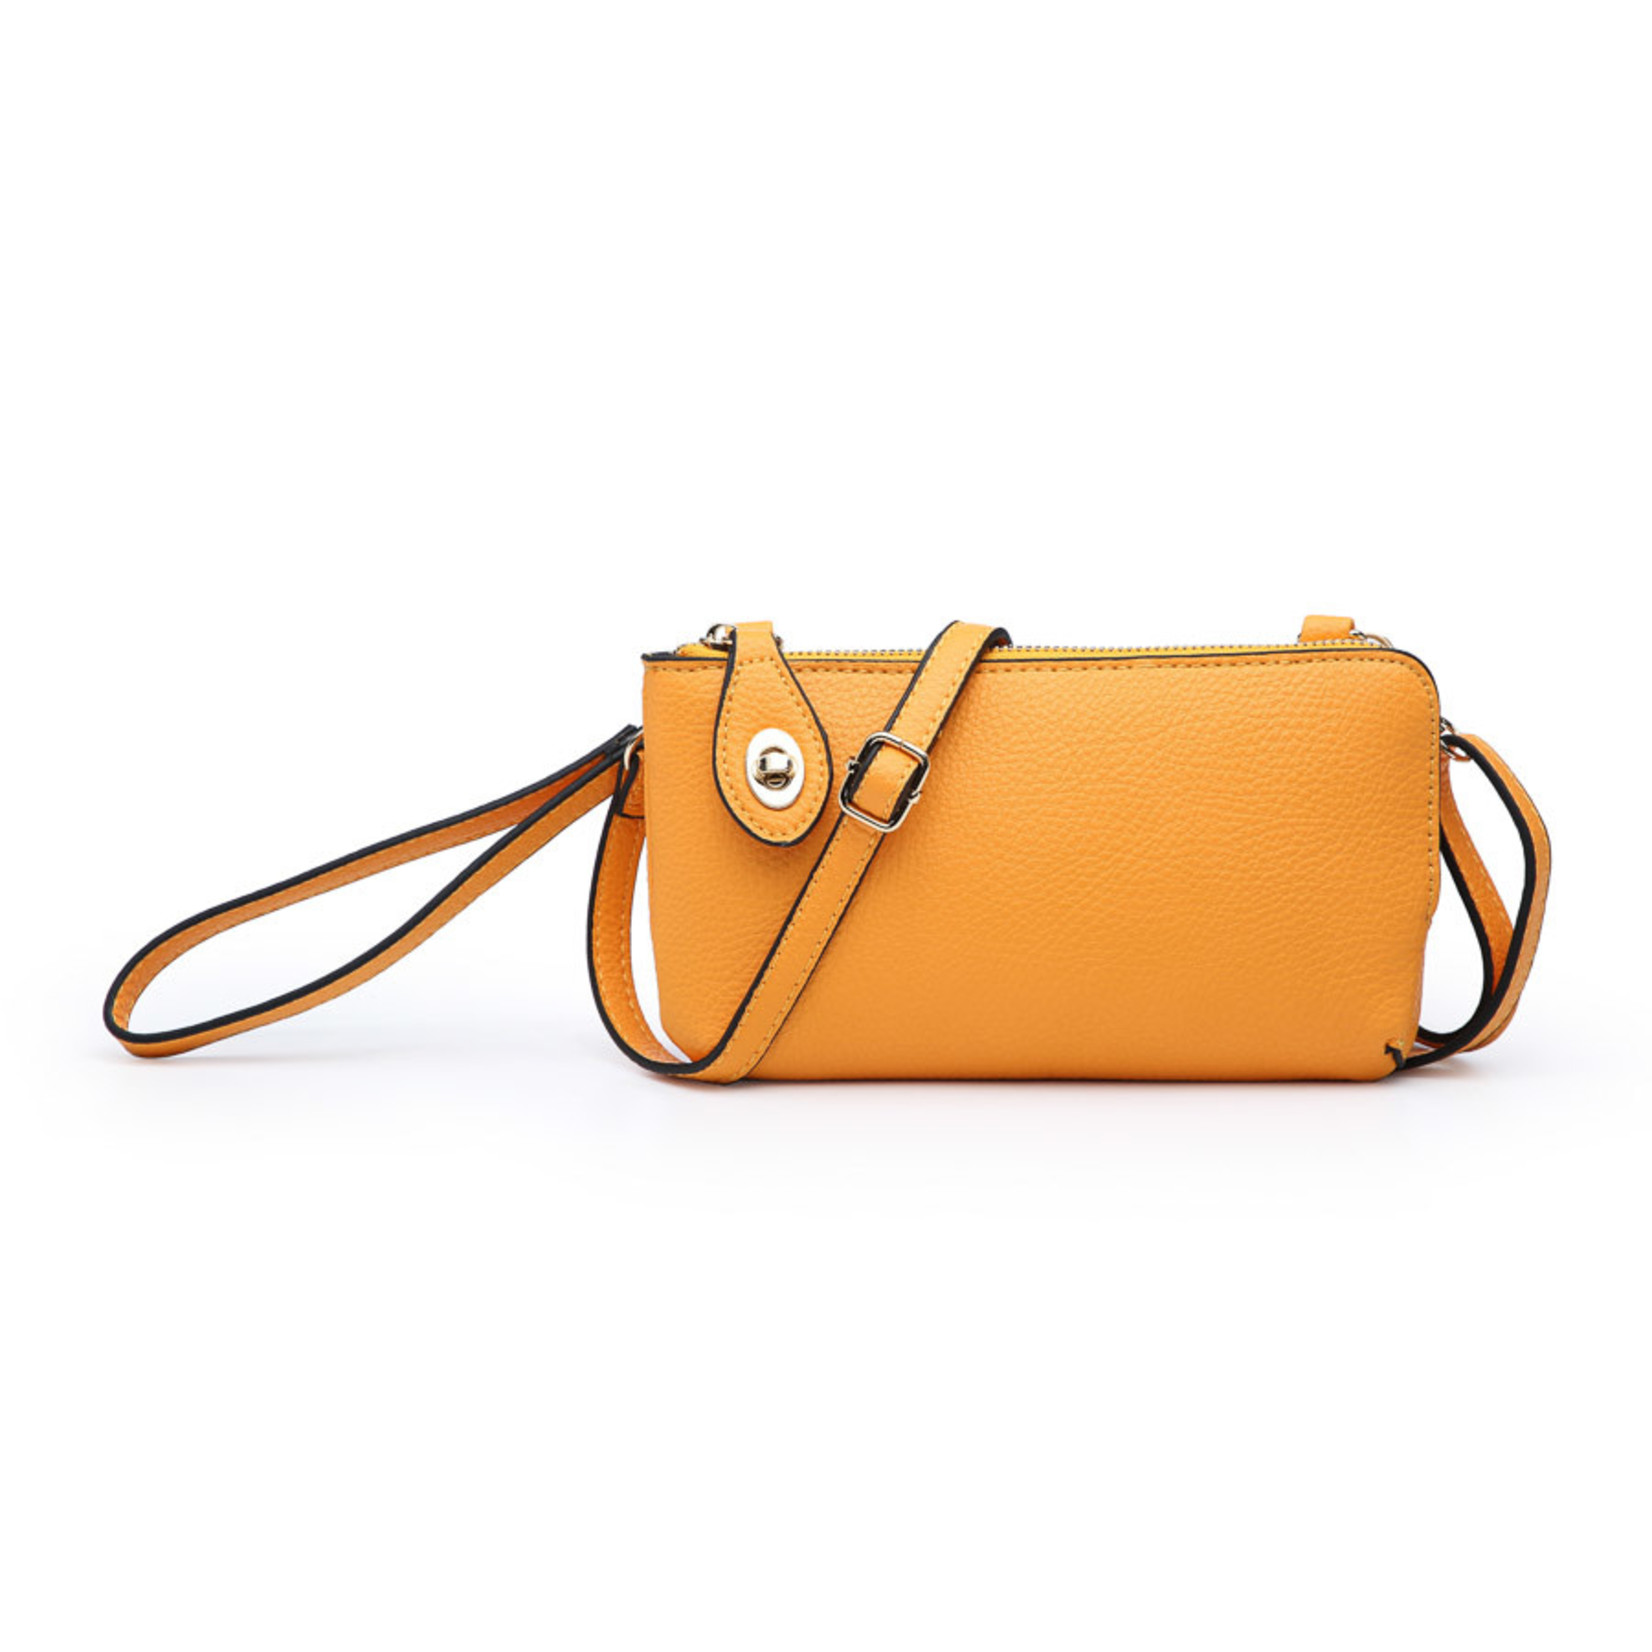 Jen & Co M1818-LOR: Kendall Crossbody / Wristlet - Light Orange